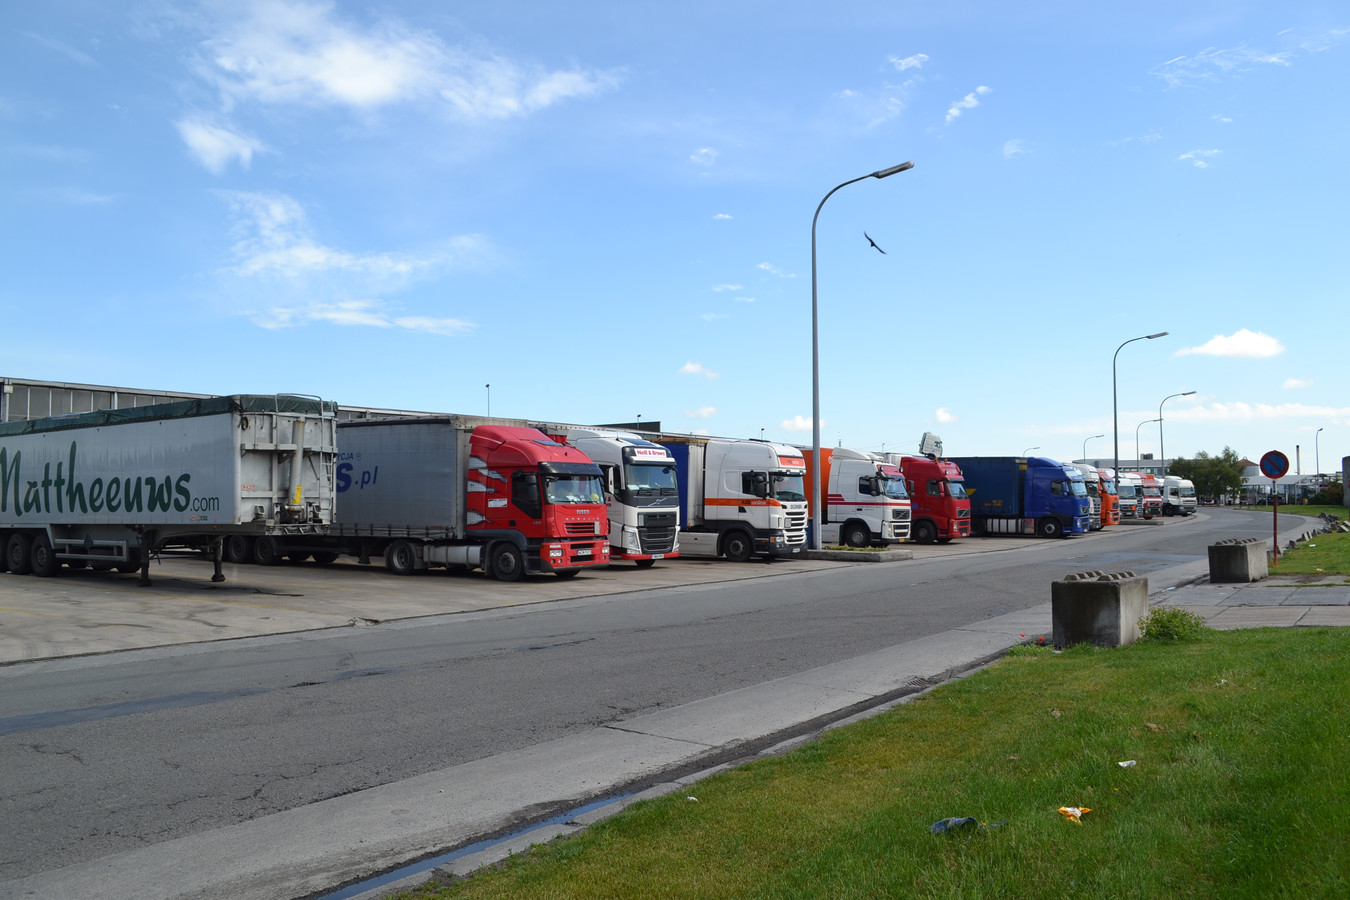 Archief. Een van de parkings op het industrieterrein van Veurne, waar vluchtelingen in vrachtwagens proberen te kruipen.